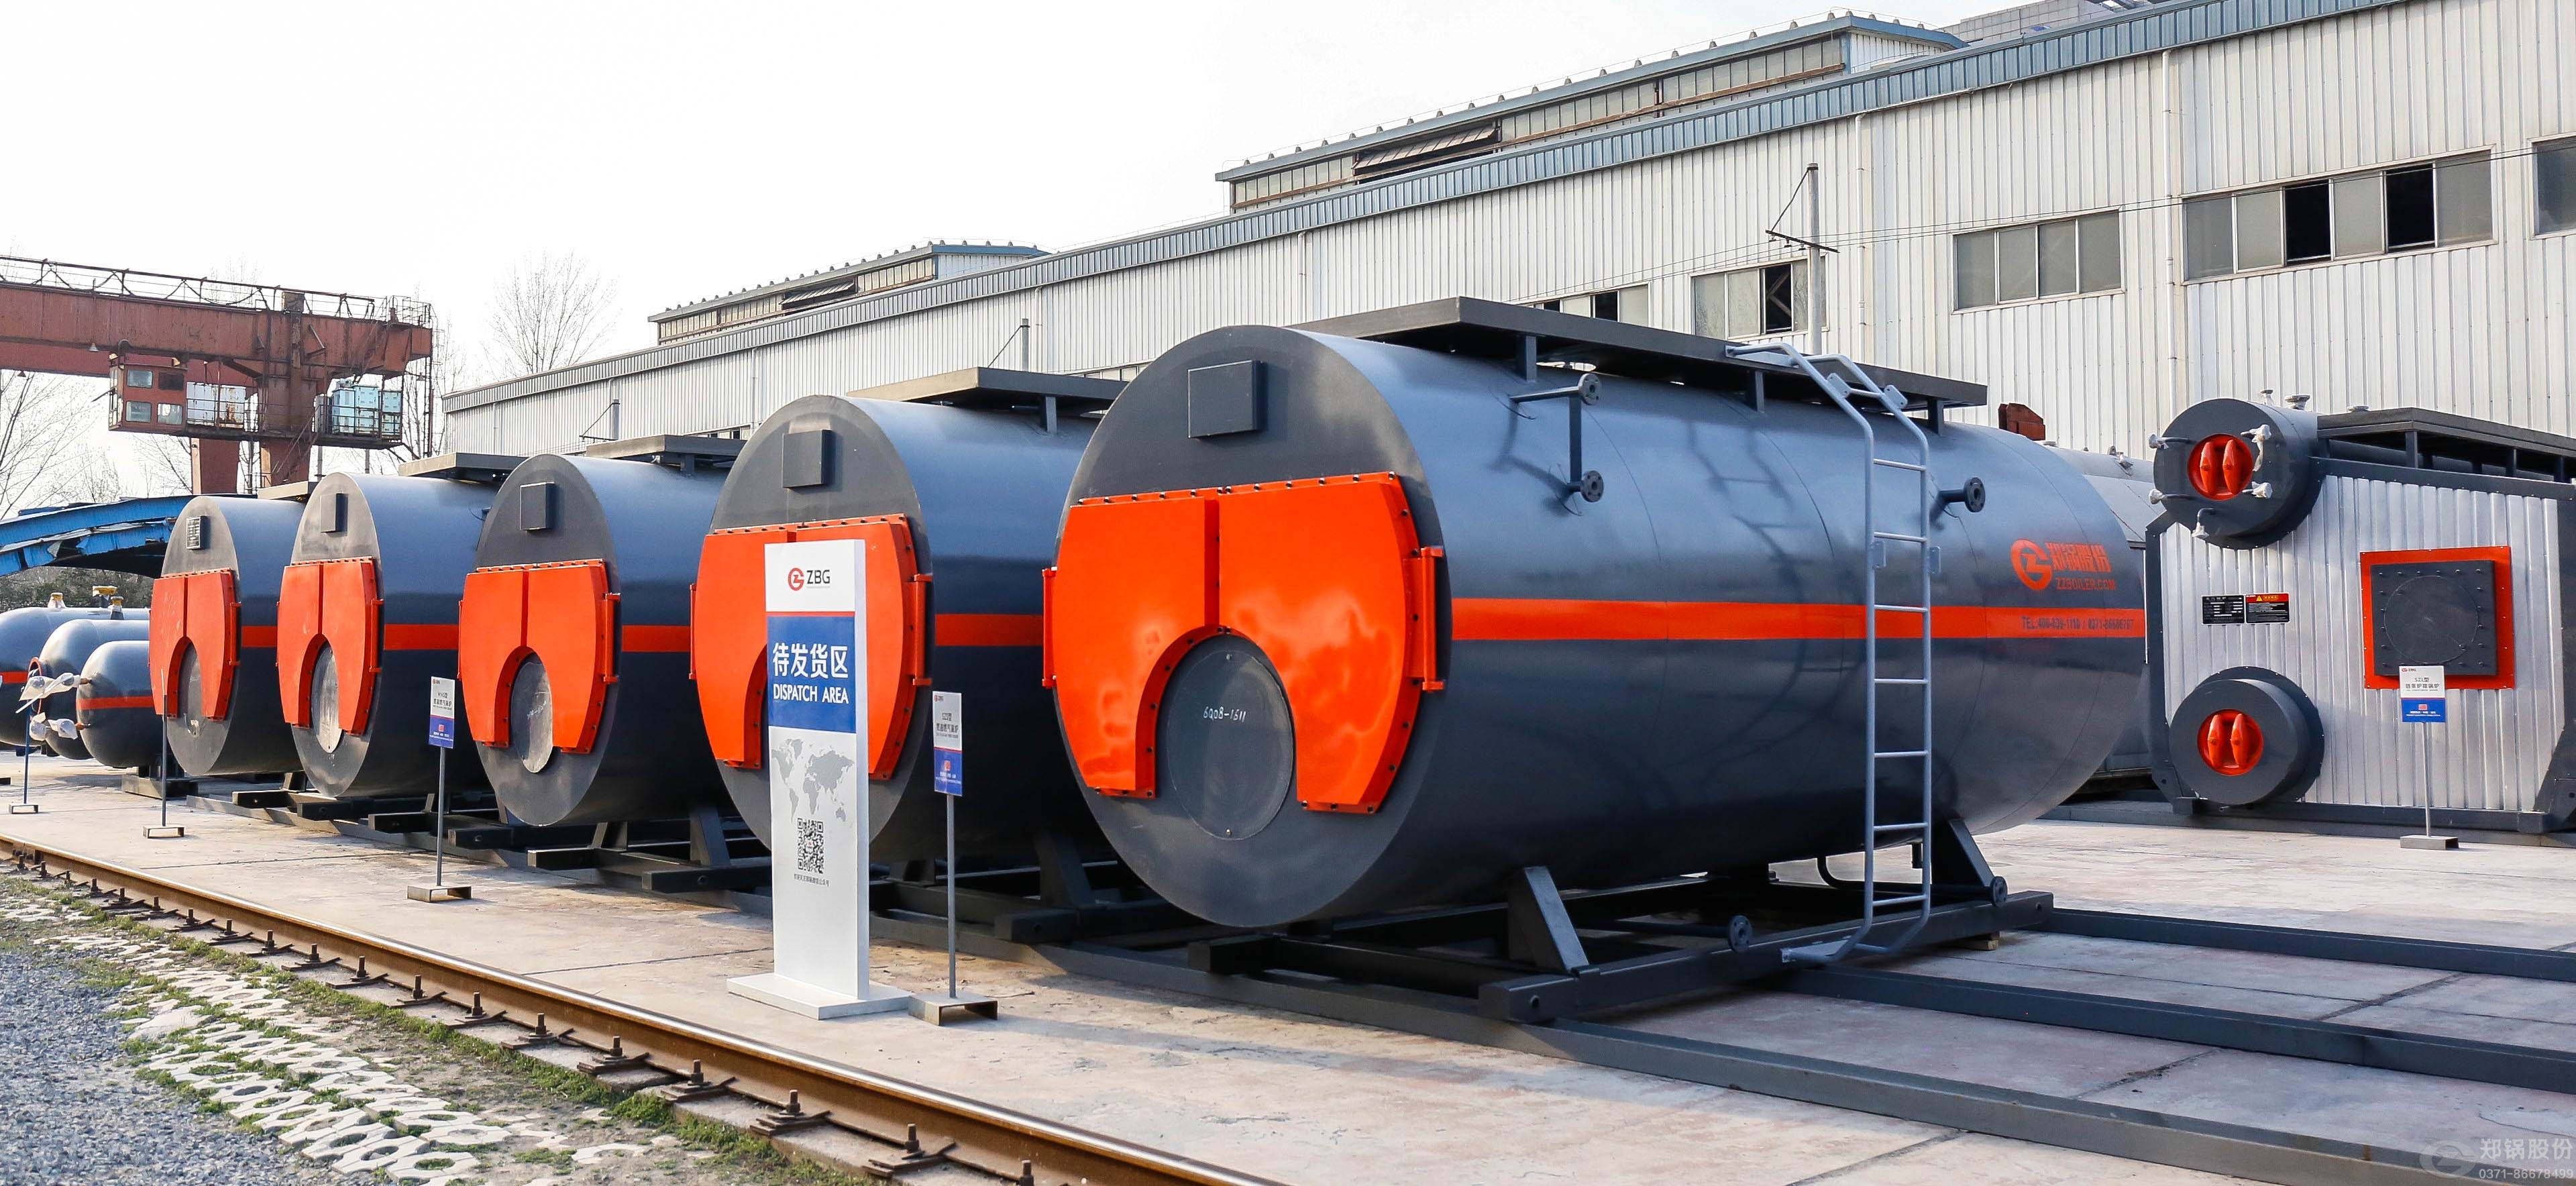 4吨燃气蒸汽锅炉的供暖面积是多少?供暖成本怎么计算?